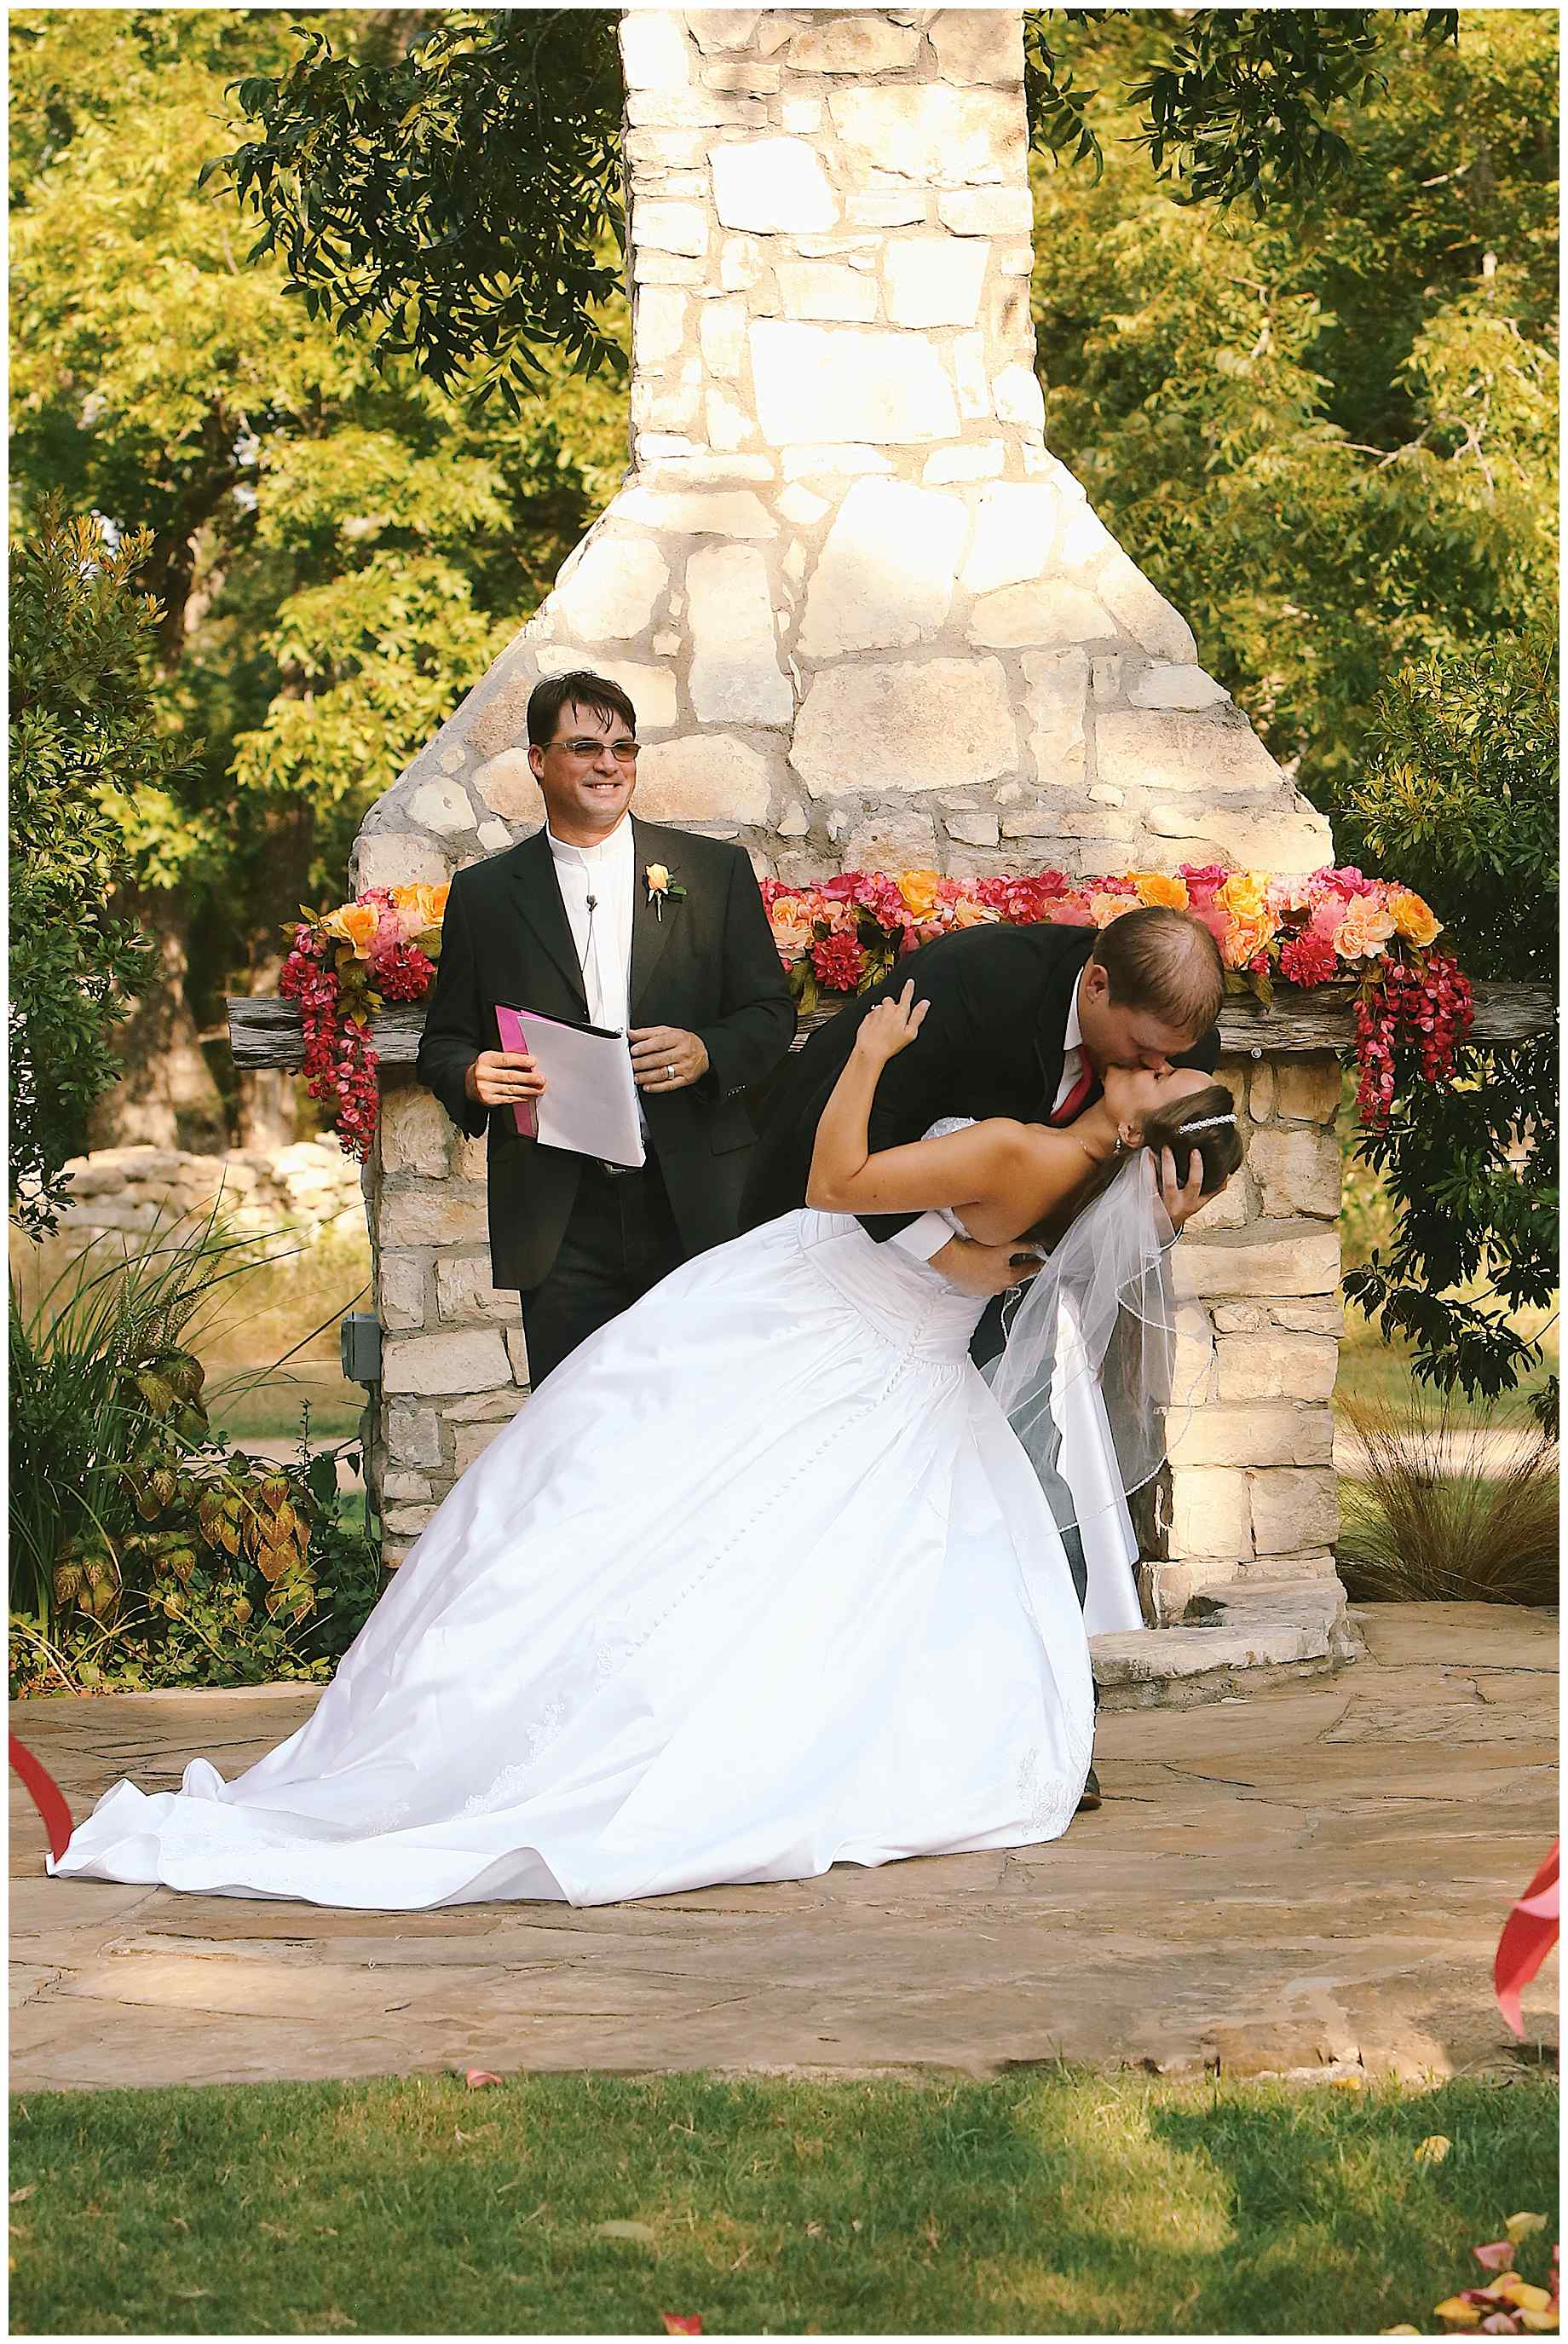 pecan-springs-ranch-austin-tx-wedding-01pecan-springs-ranch-austin-tx-wedding-018